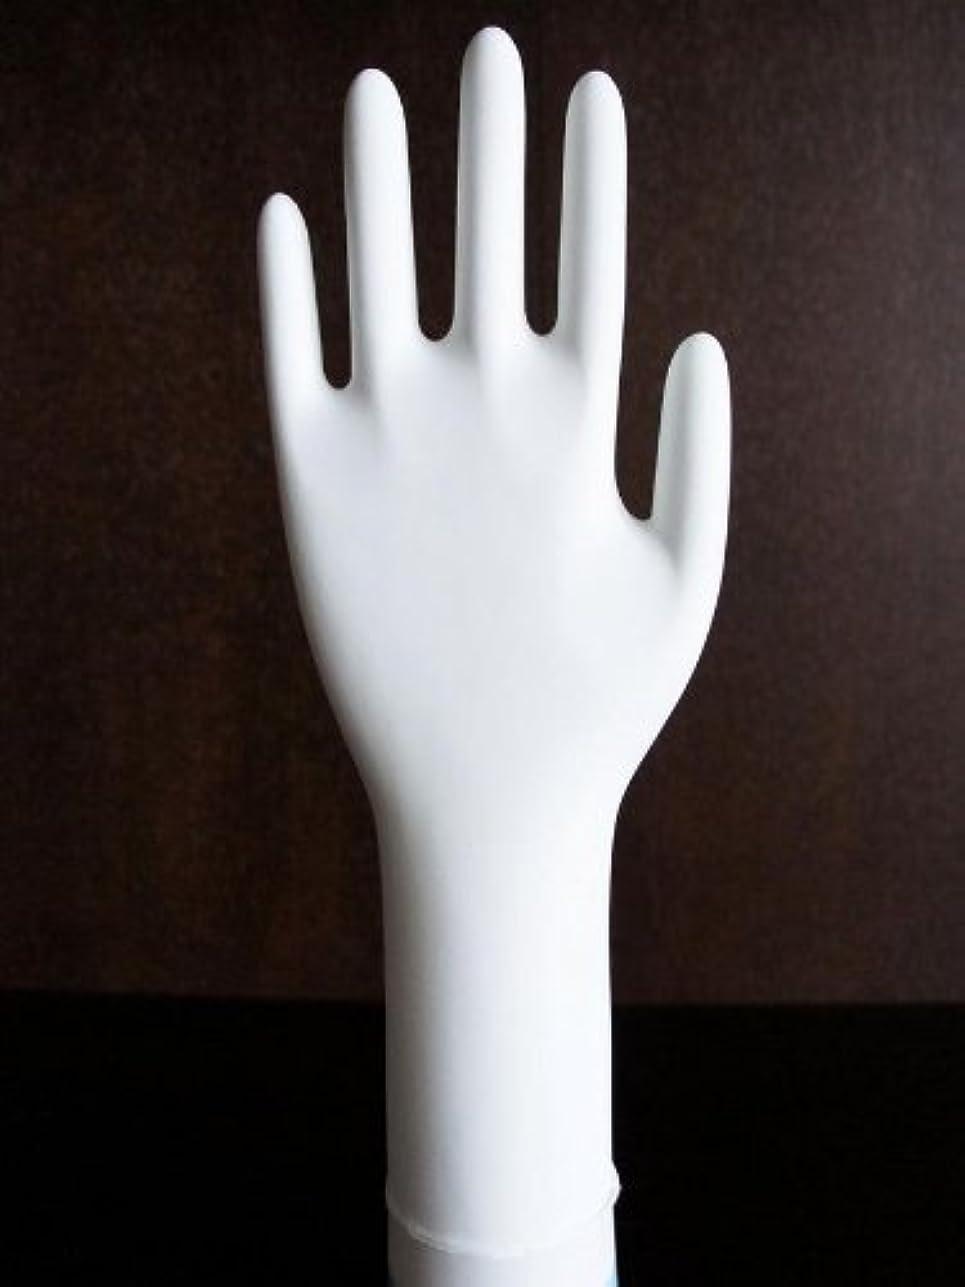 左熟読インチ三高サプライ ニトリル手袋 クラス100 クリアグリップ ロング(半透明) GN09 100枚入り XS